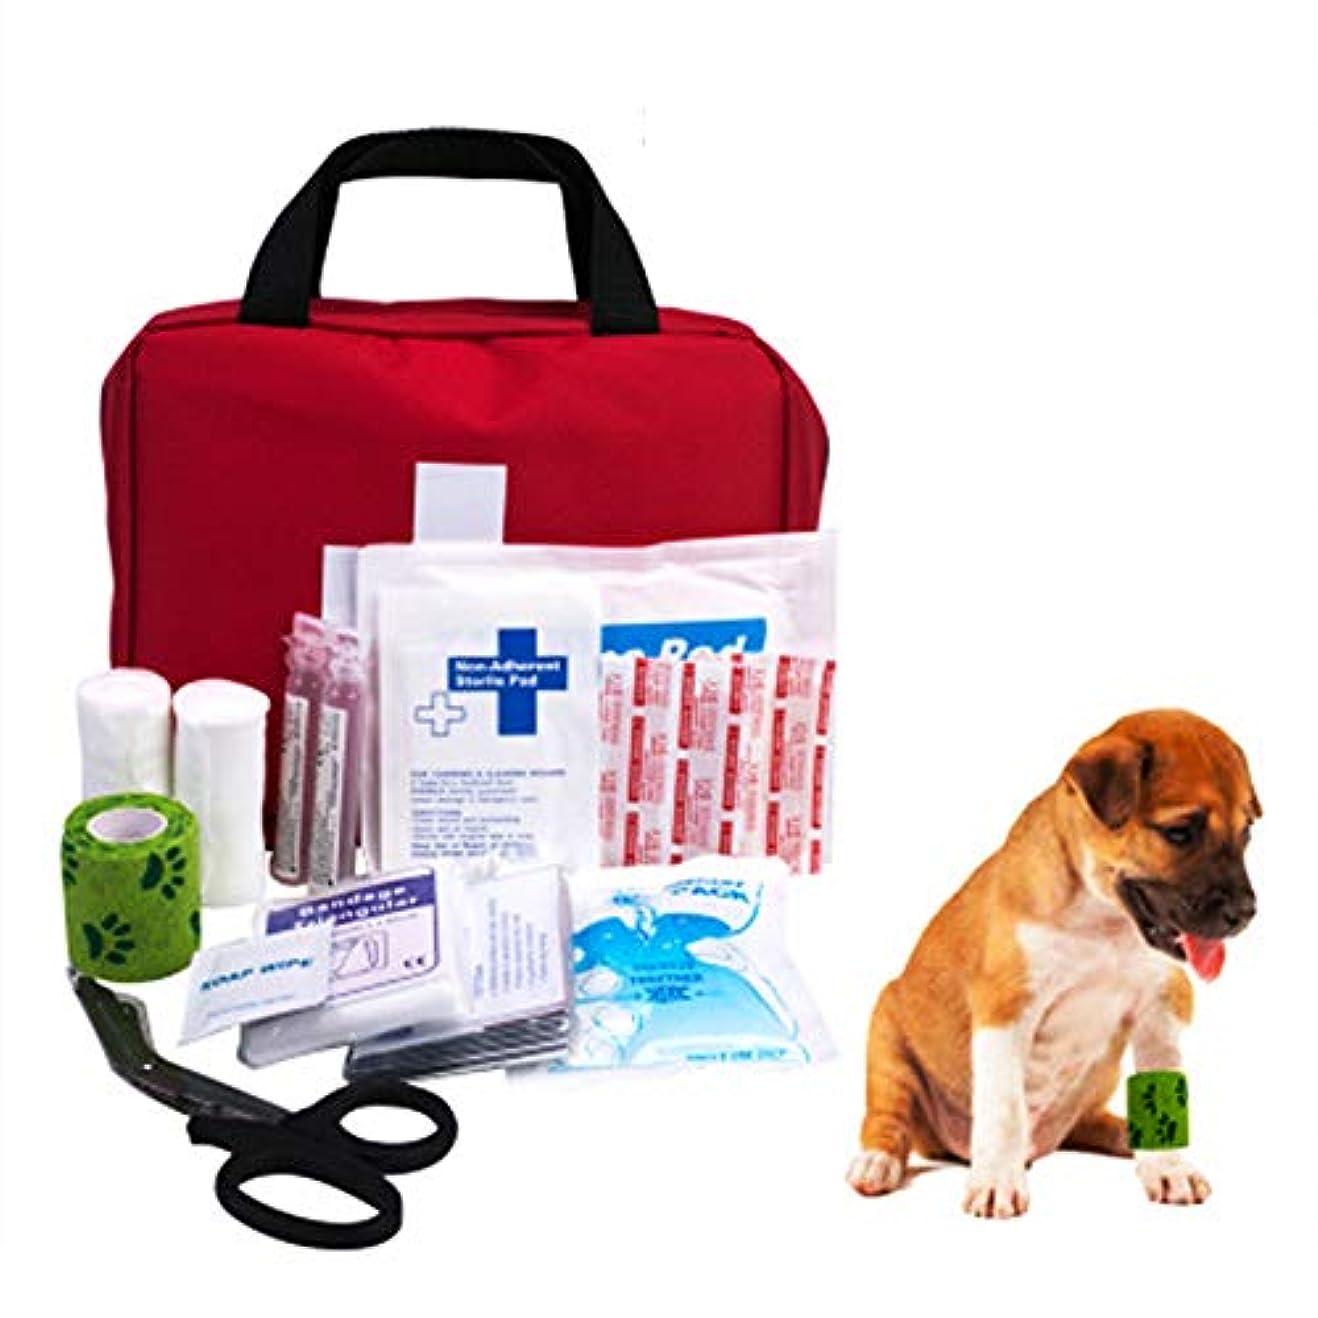 キャリア鰐雇ったプレミアムペット応急処置キット - 安全緊急時安全製品、毎日の犬あなたのペットが事故を起こした場合に備えて注意すること